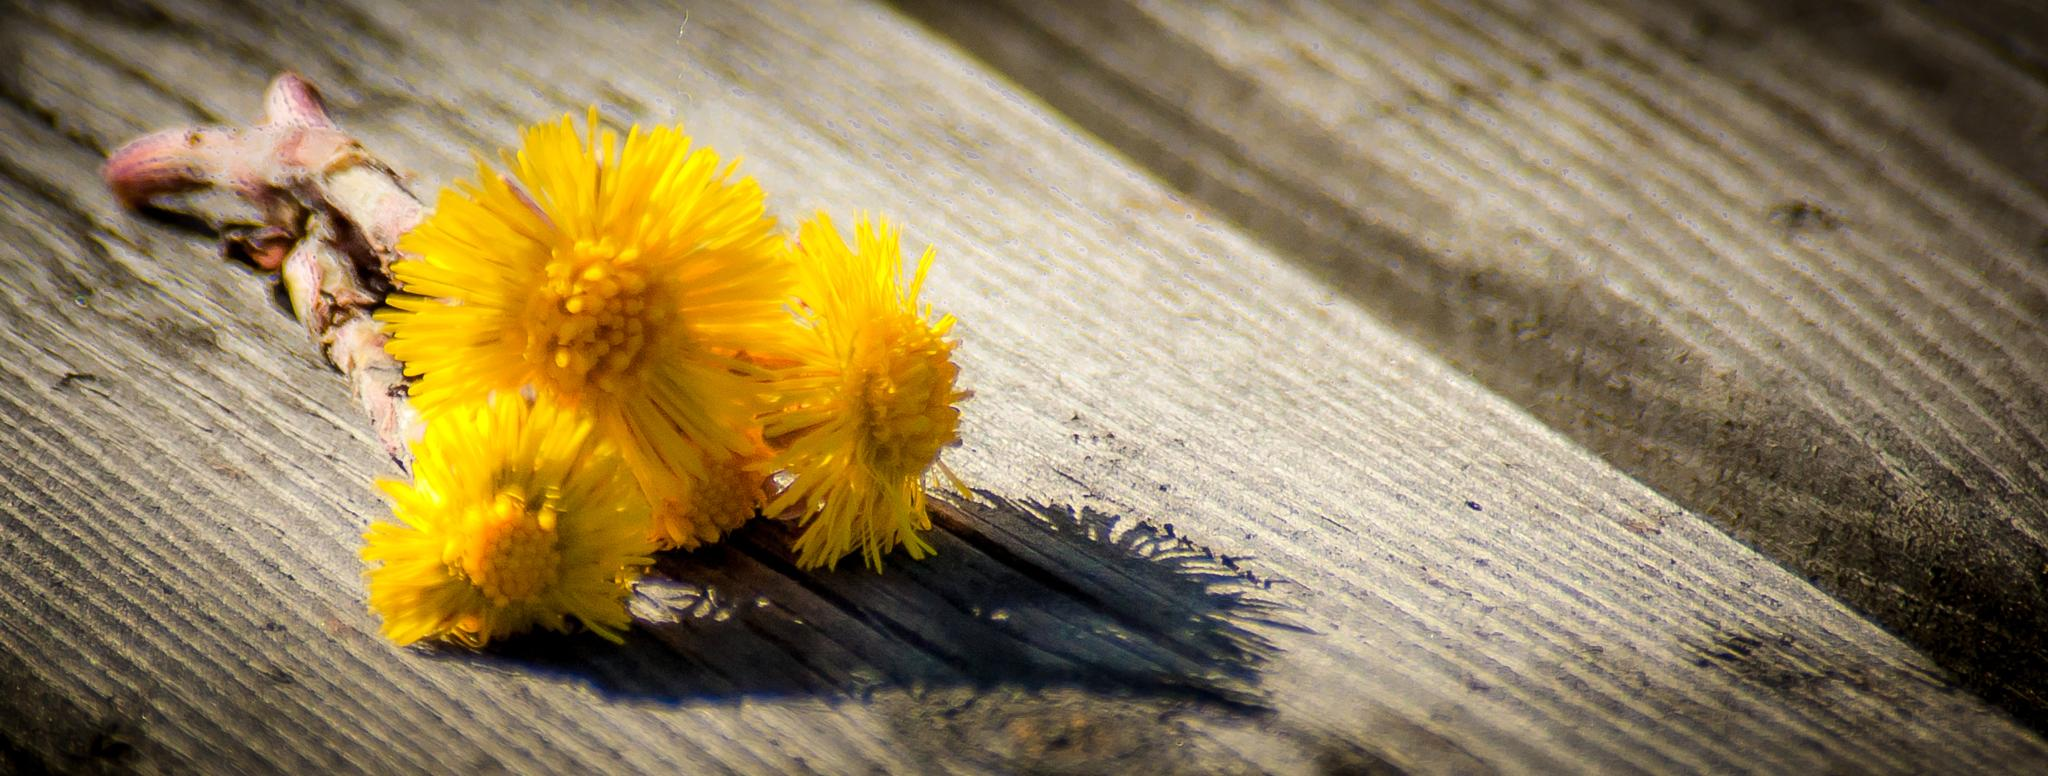 Dandelions by Carl Erik Tengesdal